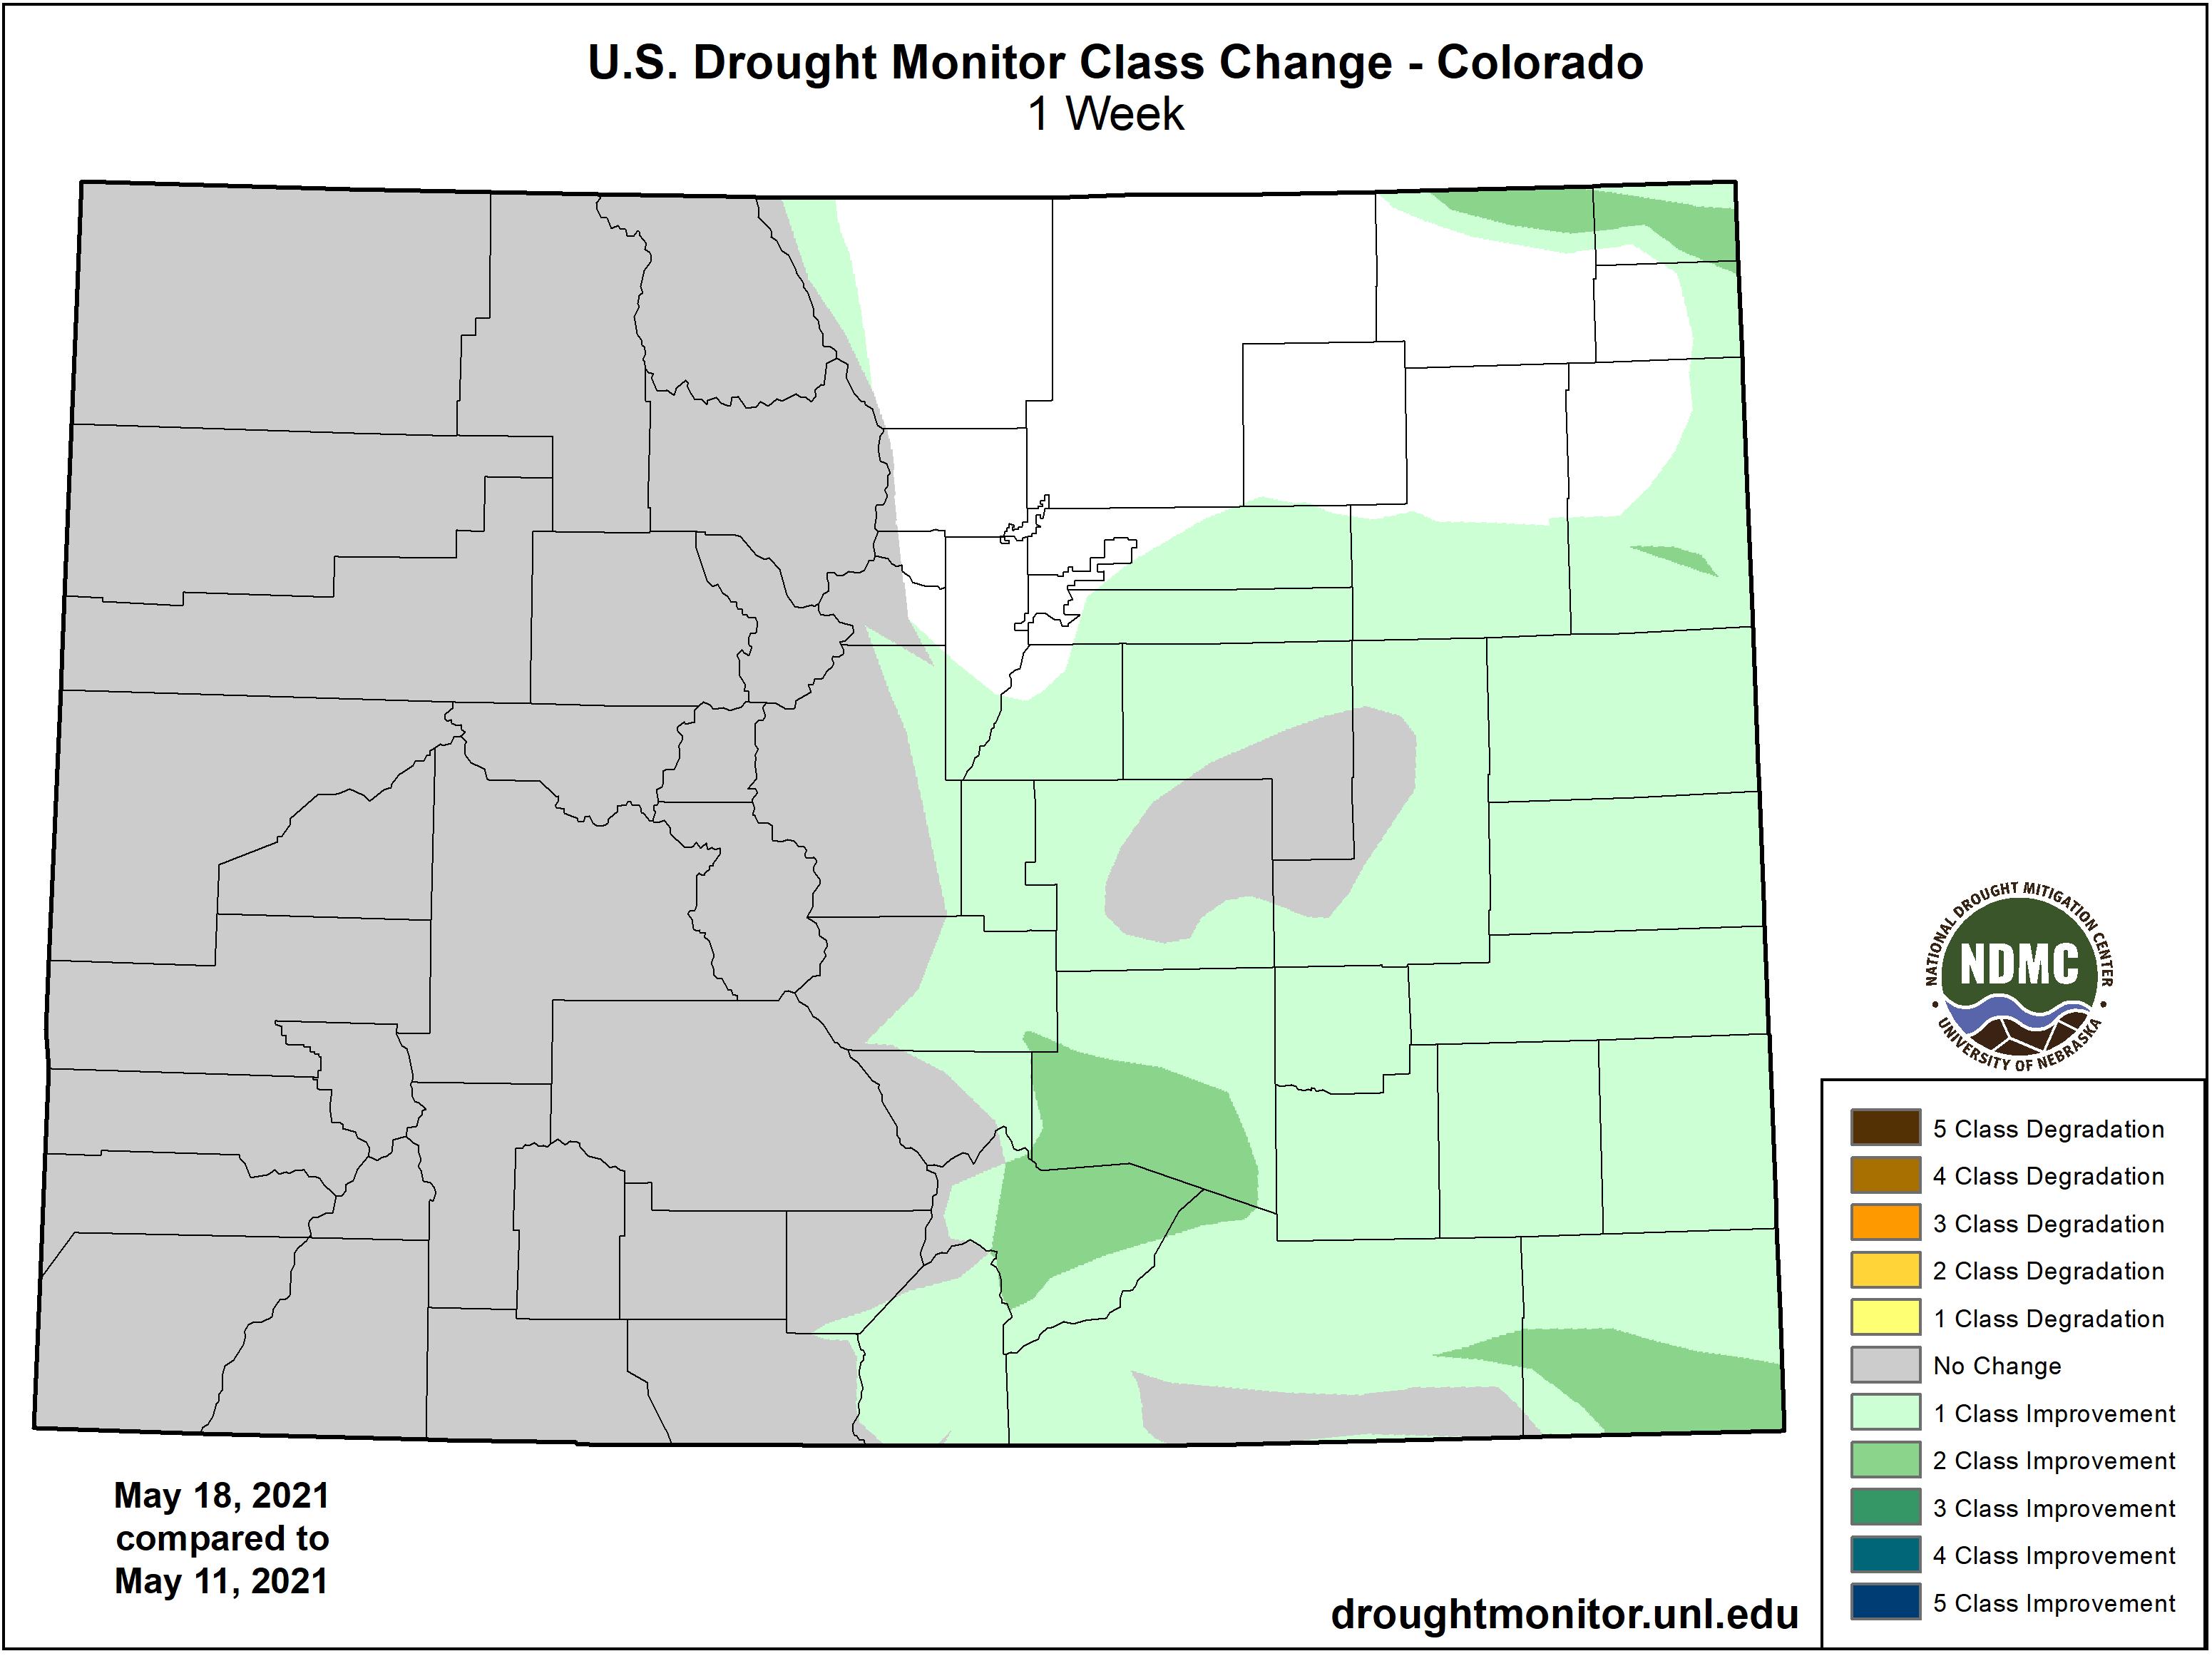 MAP Drought change between May 11 and May 18, 2021 - NDMC